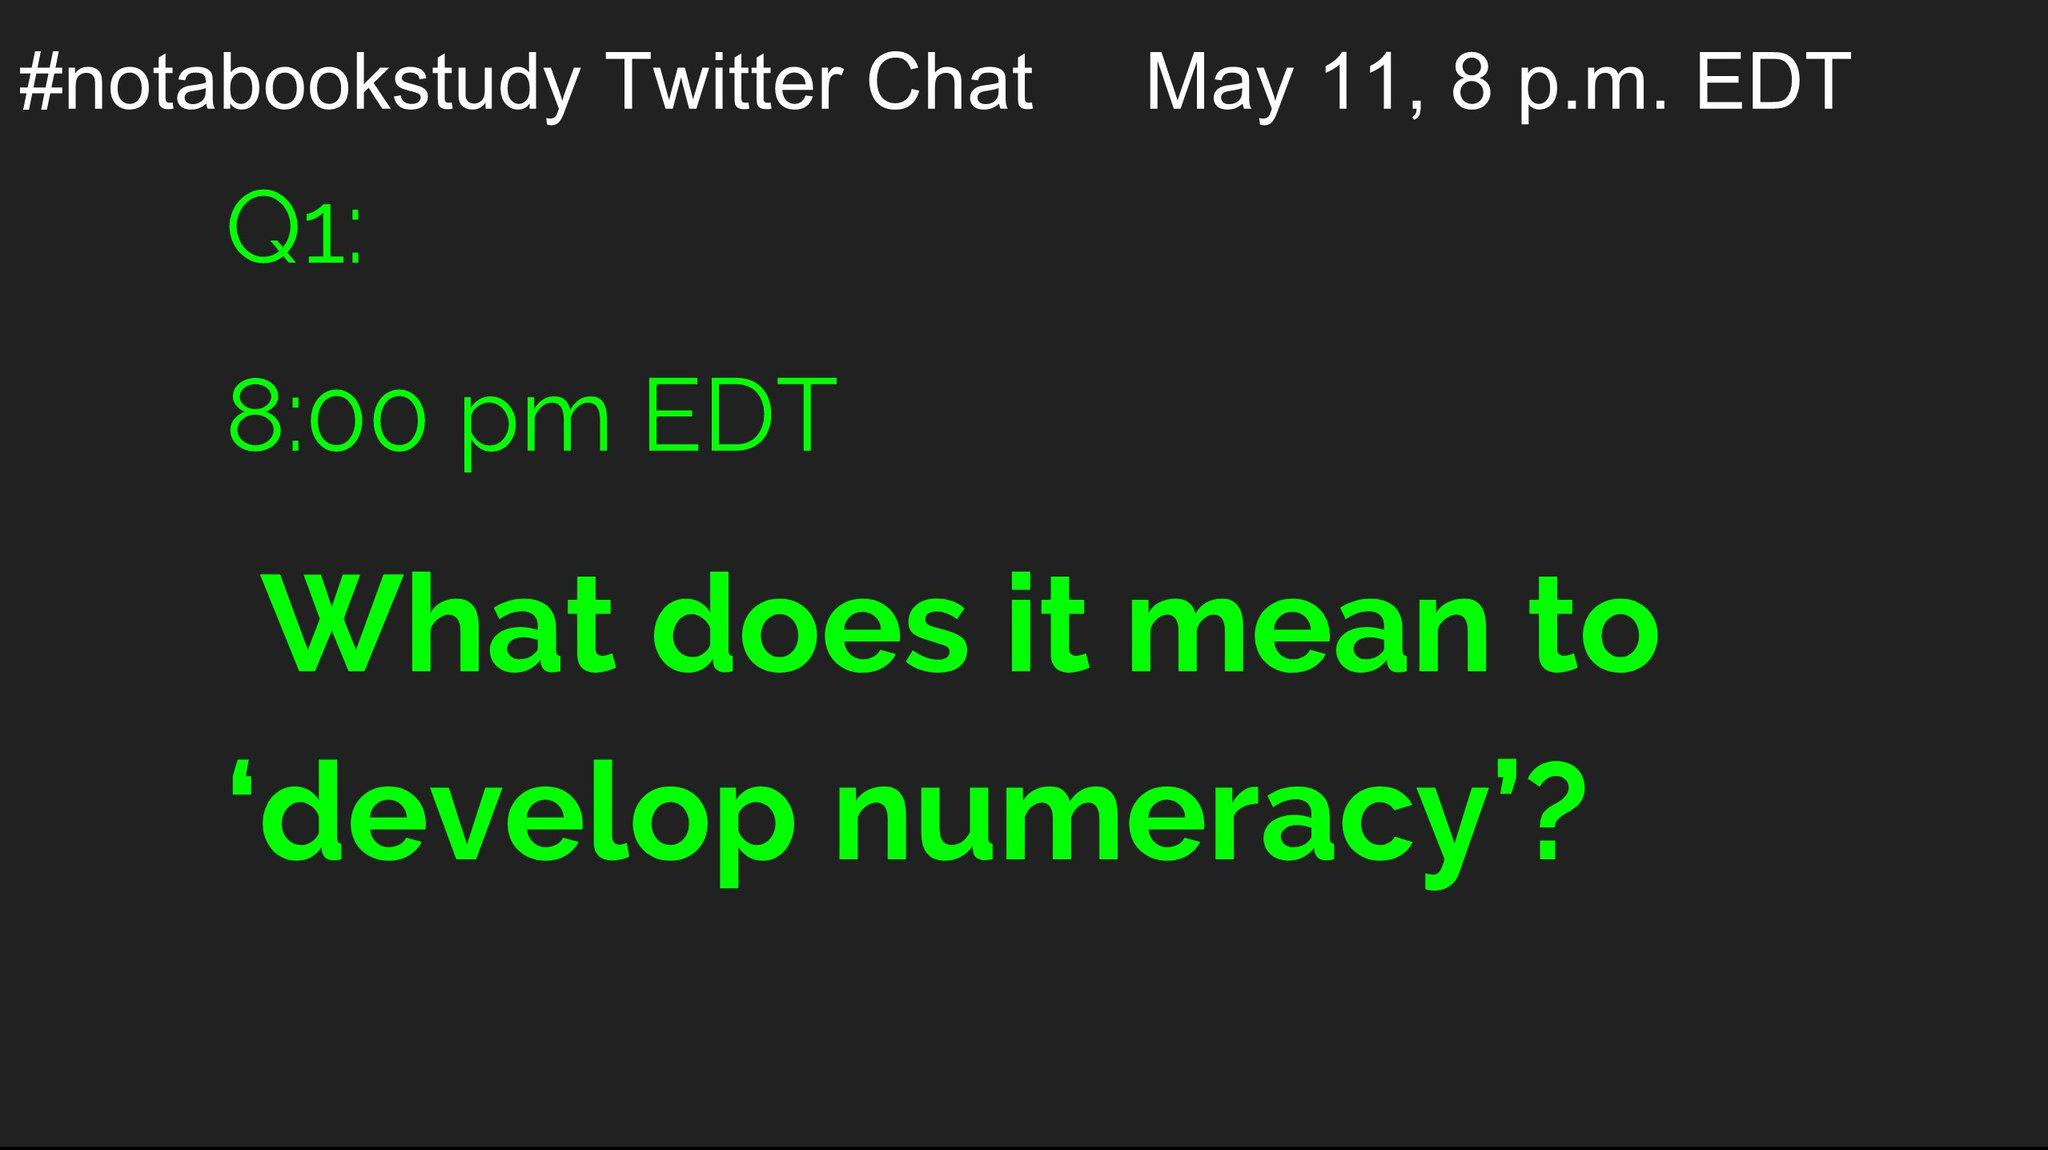 Our first question.   #notabookstudy https://t.co/Opj14qliKj